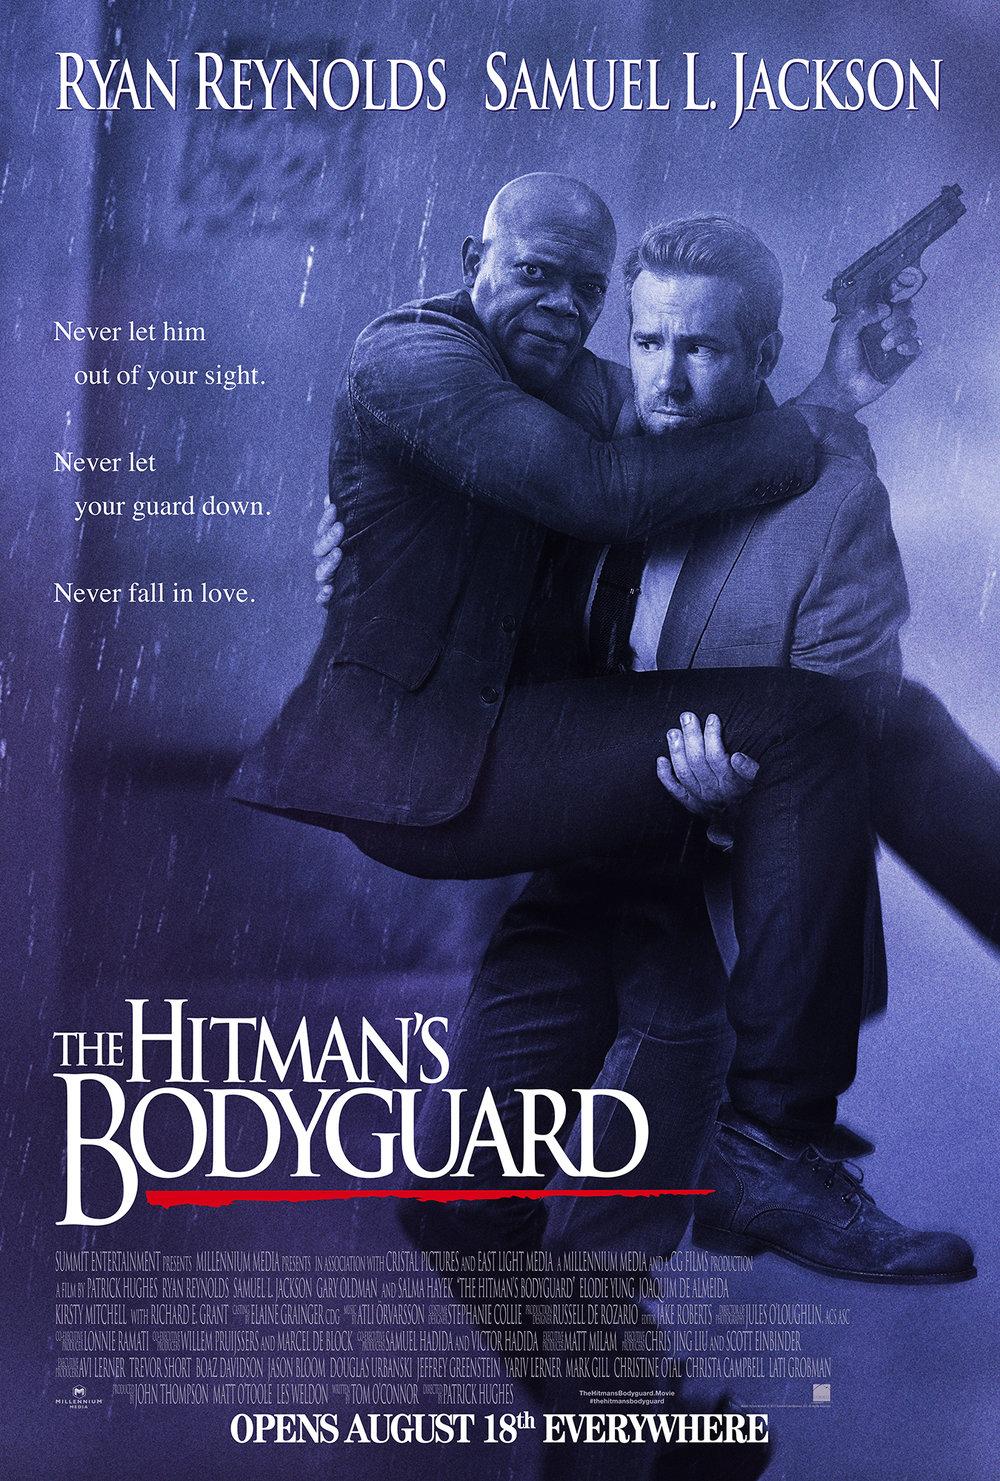 HitmansBodyguard_1Sht_Online_100dpi.jpg